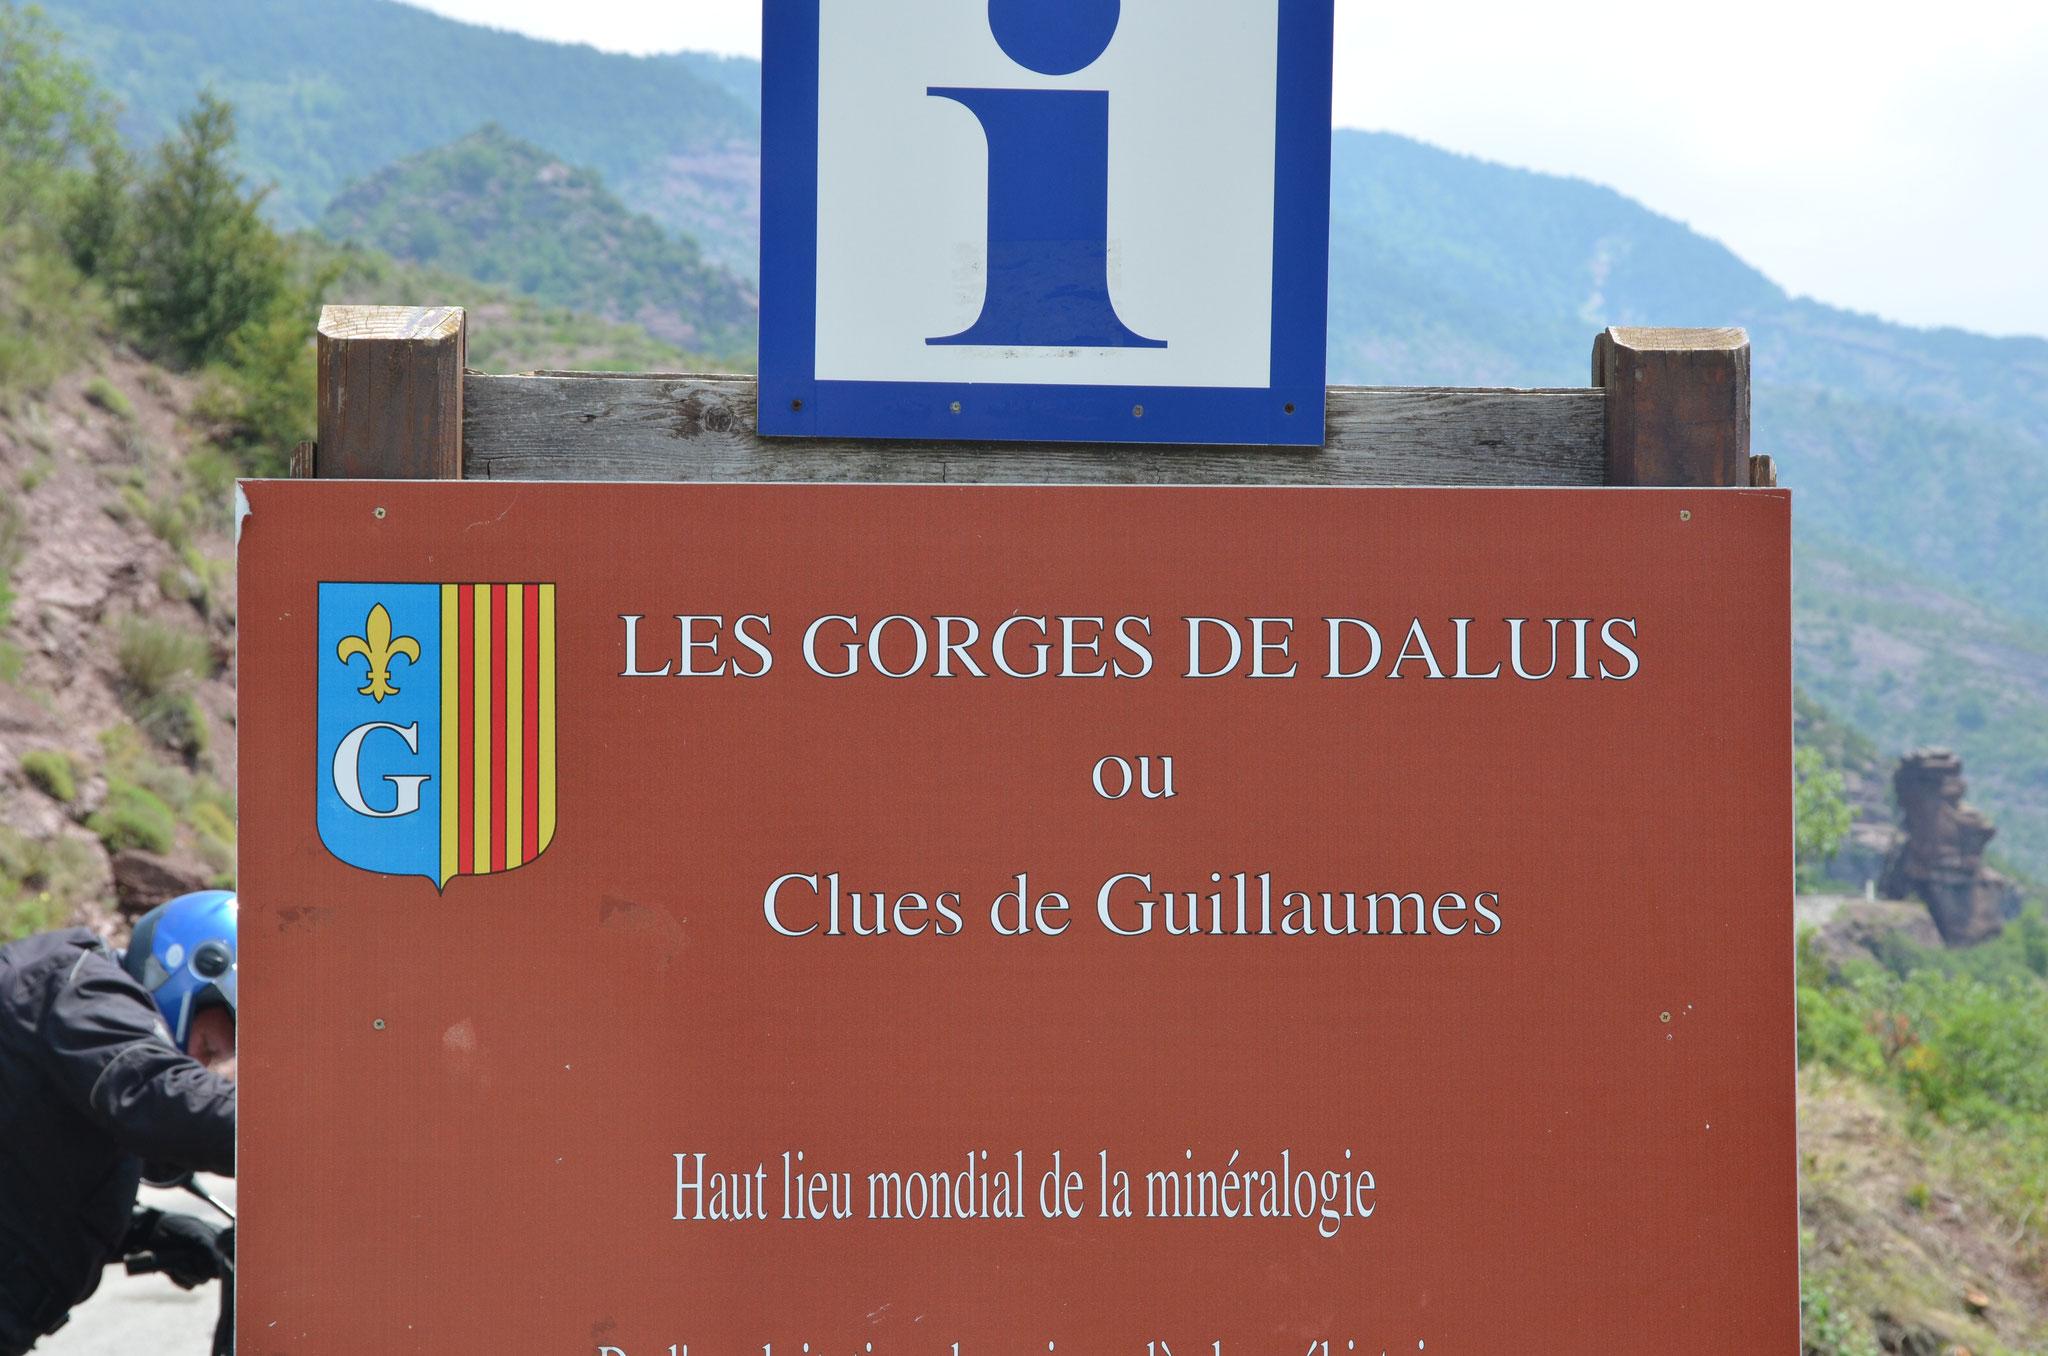 Gorges de Daluis